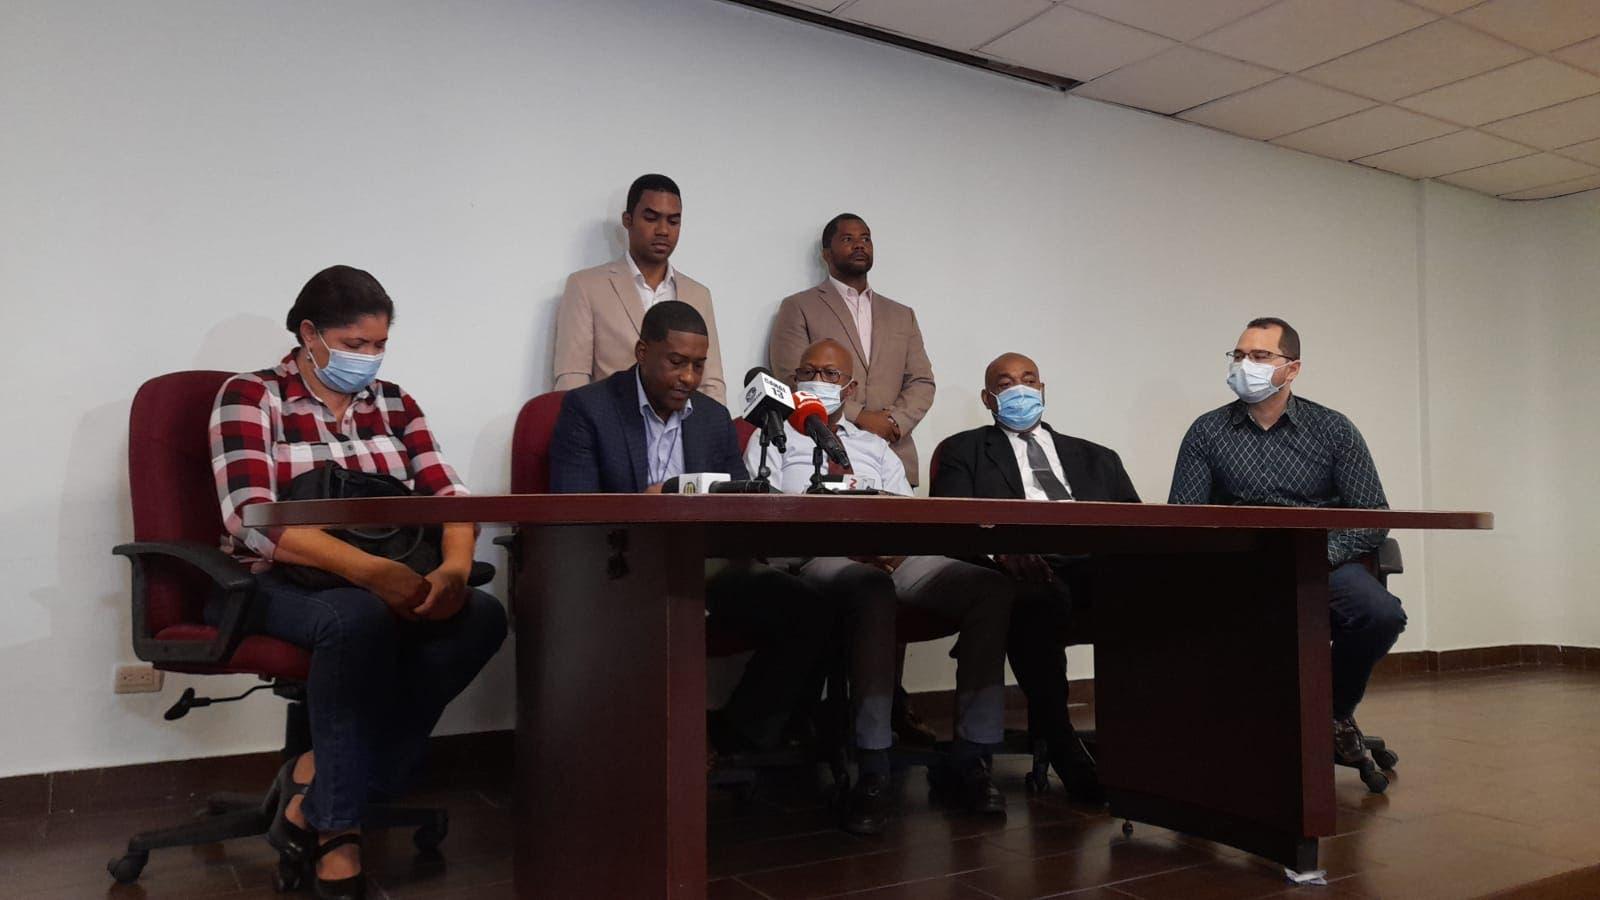 Médicos denuncian Instituto de Patología Forense no está apto para trabajar